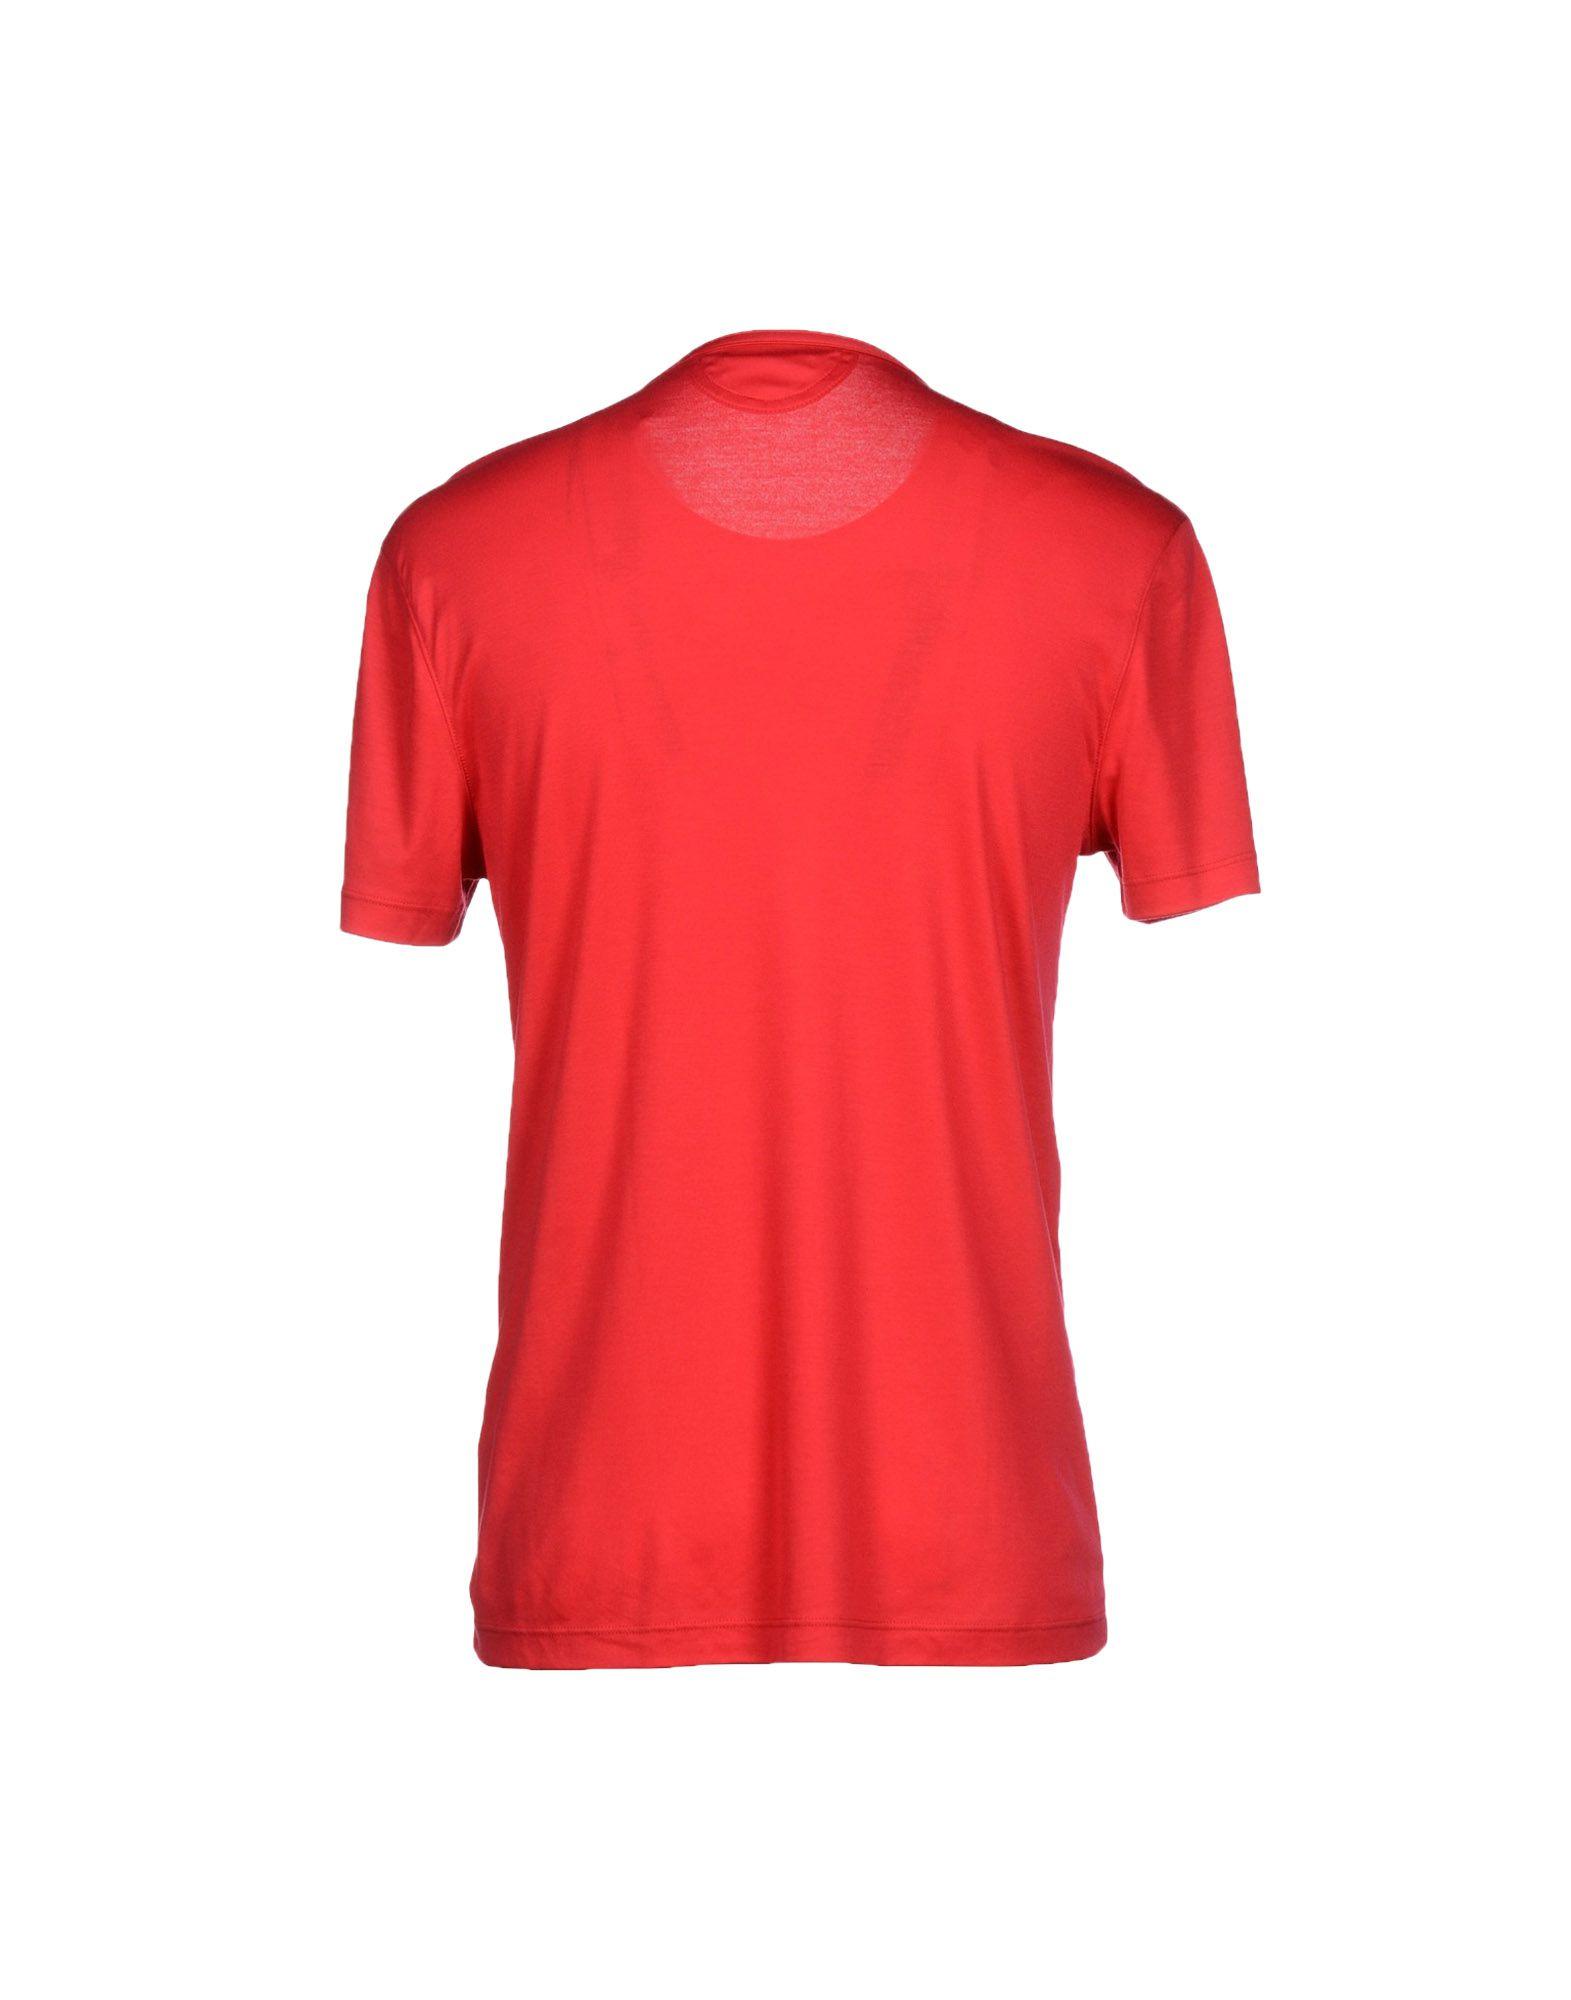 helmut lang t shirt in red for men lyst. Black Bedroom Furniture Sets. Home Design Ideas